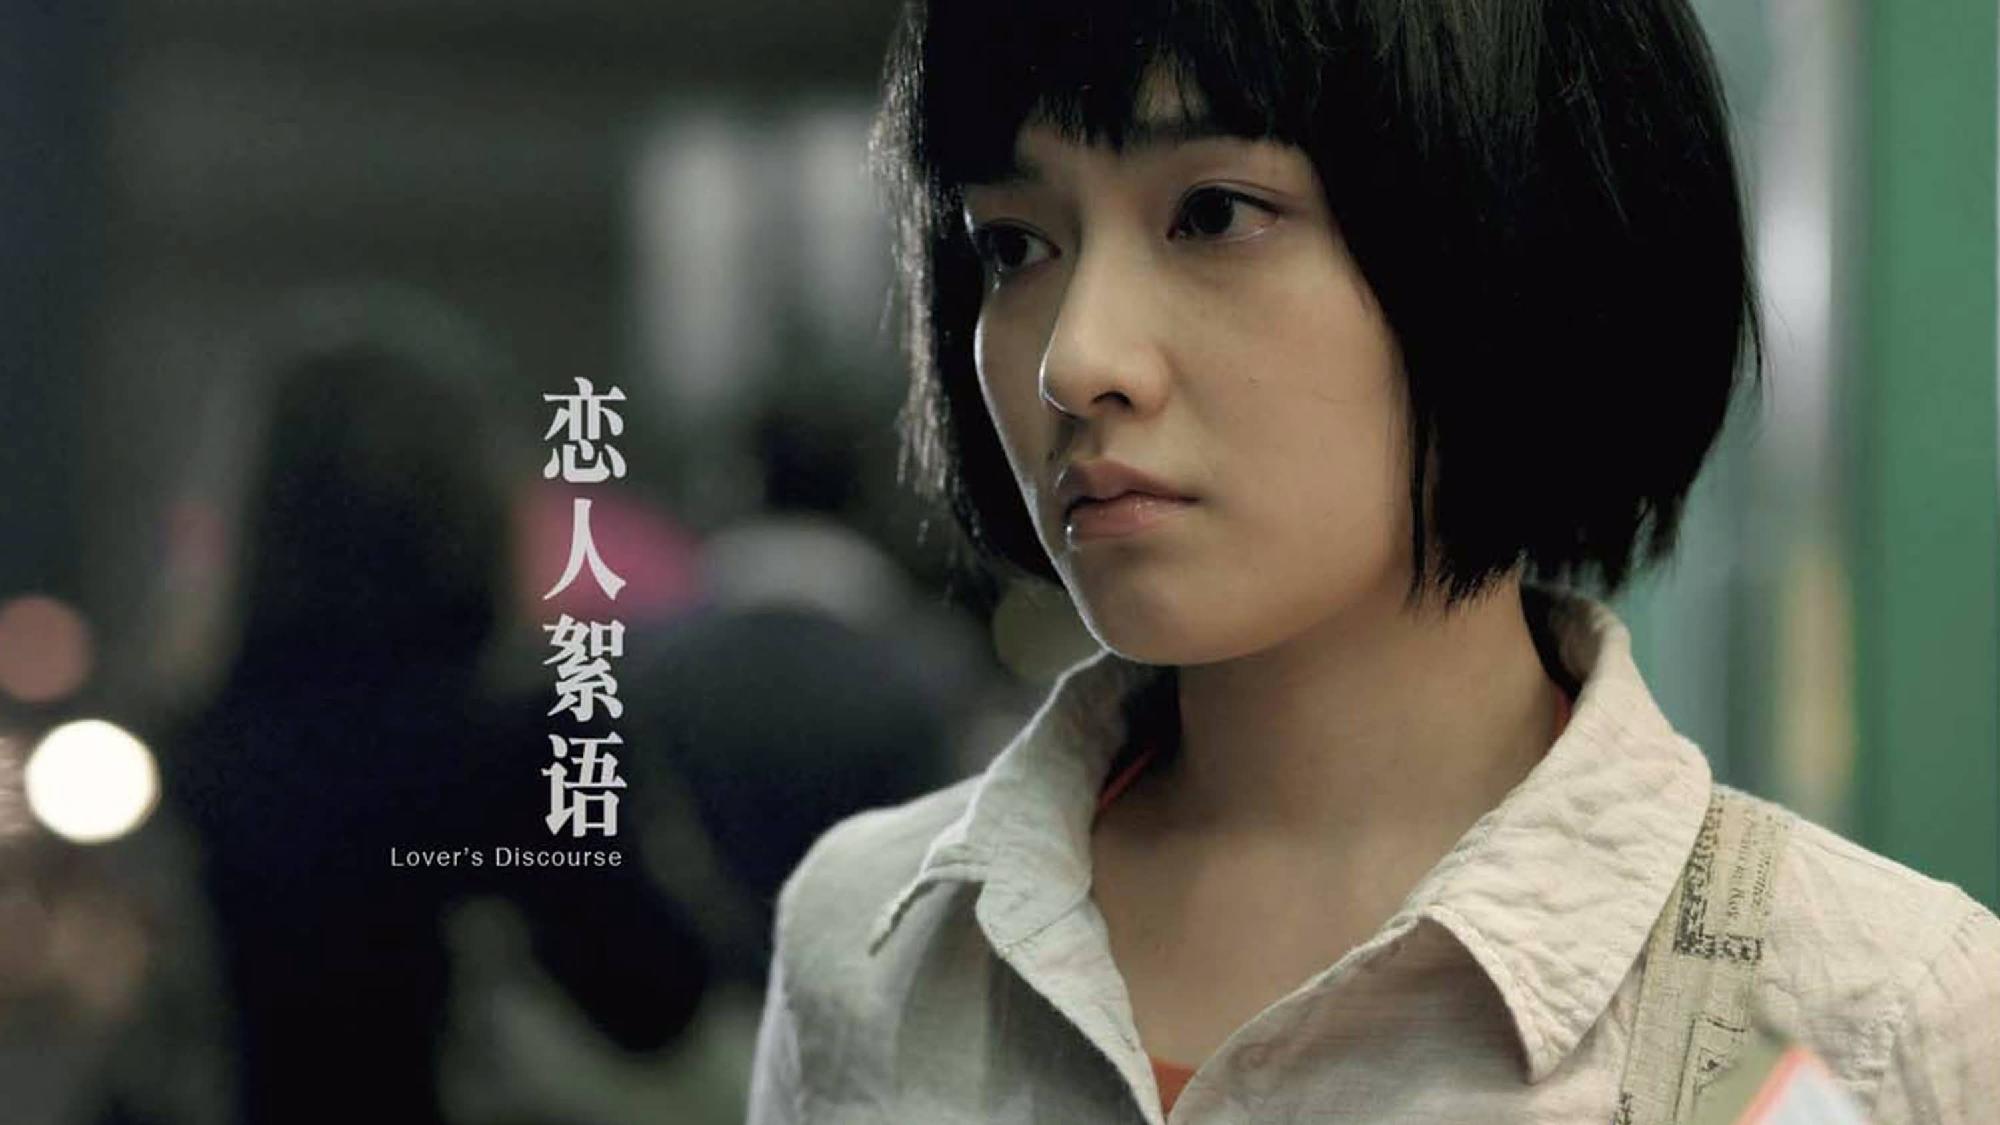 香港电影百年100个难忘瞬间之二:风月篇 荒淫无... _Mtime时光网